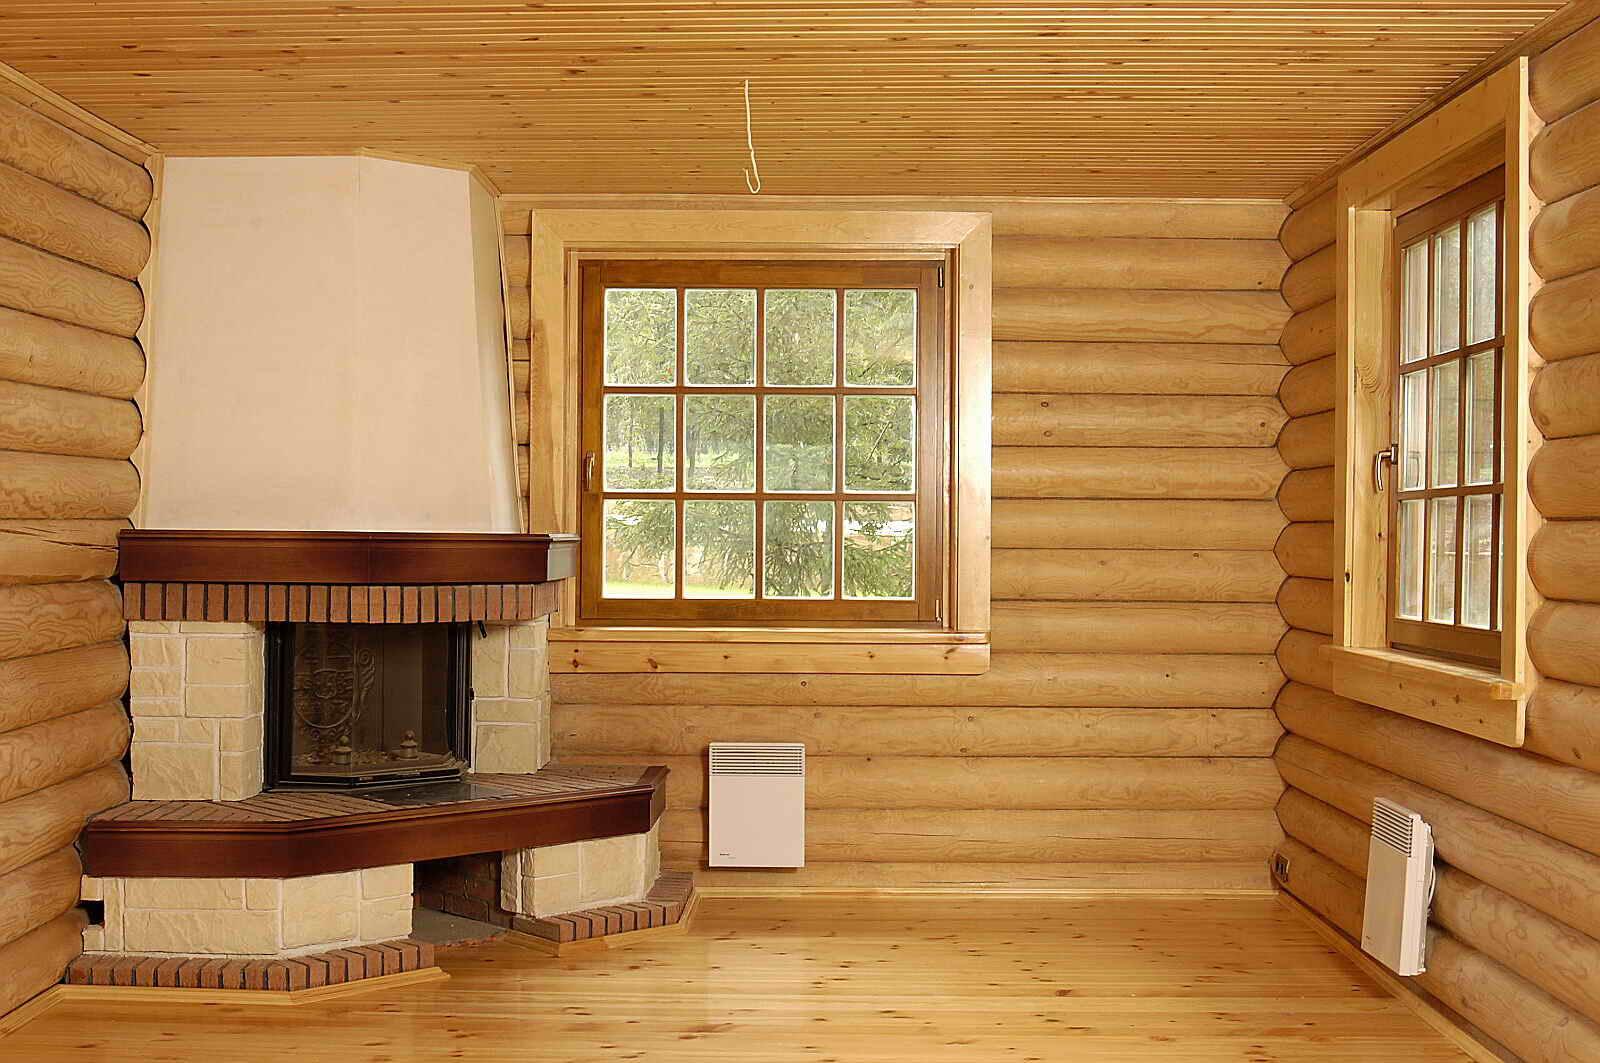 Блок-хаус для внутренней отделки (47 фото): как обшить потолок спальной комнаты в квартире, варианты сочетаний материалов внутри дома, красивые примеры в интерьере